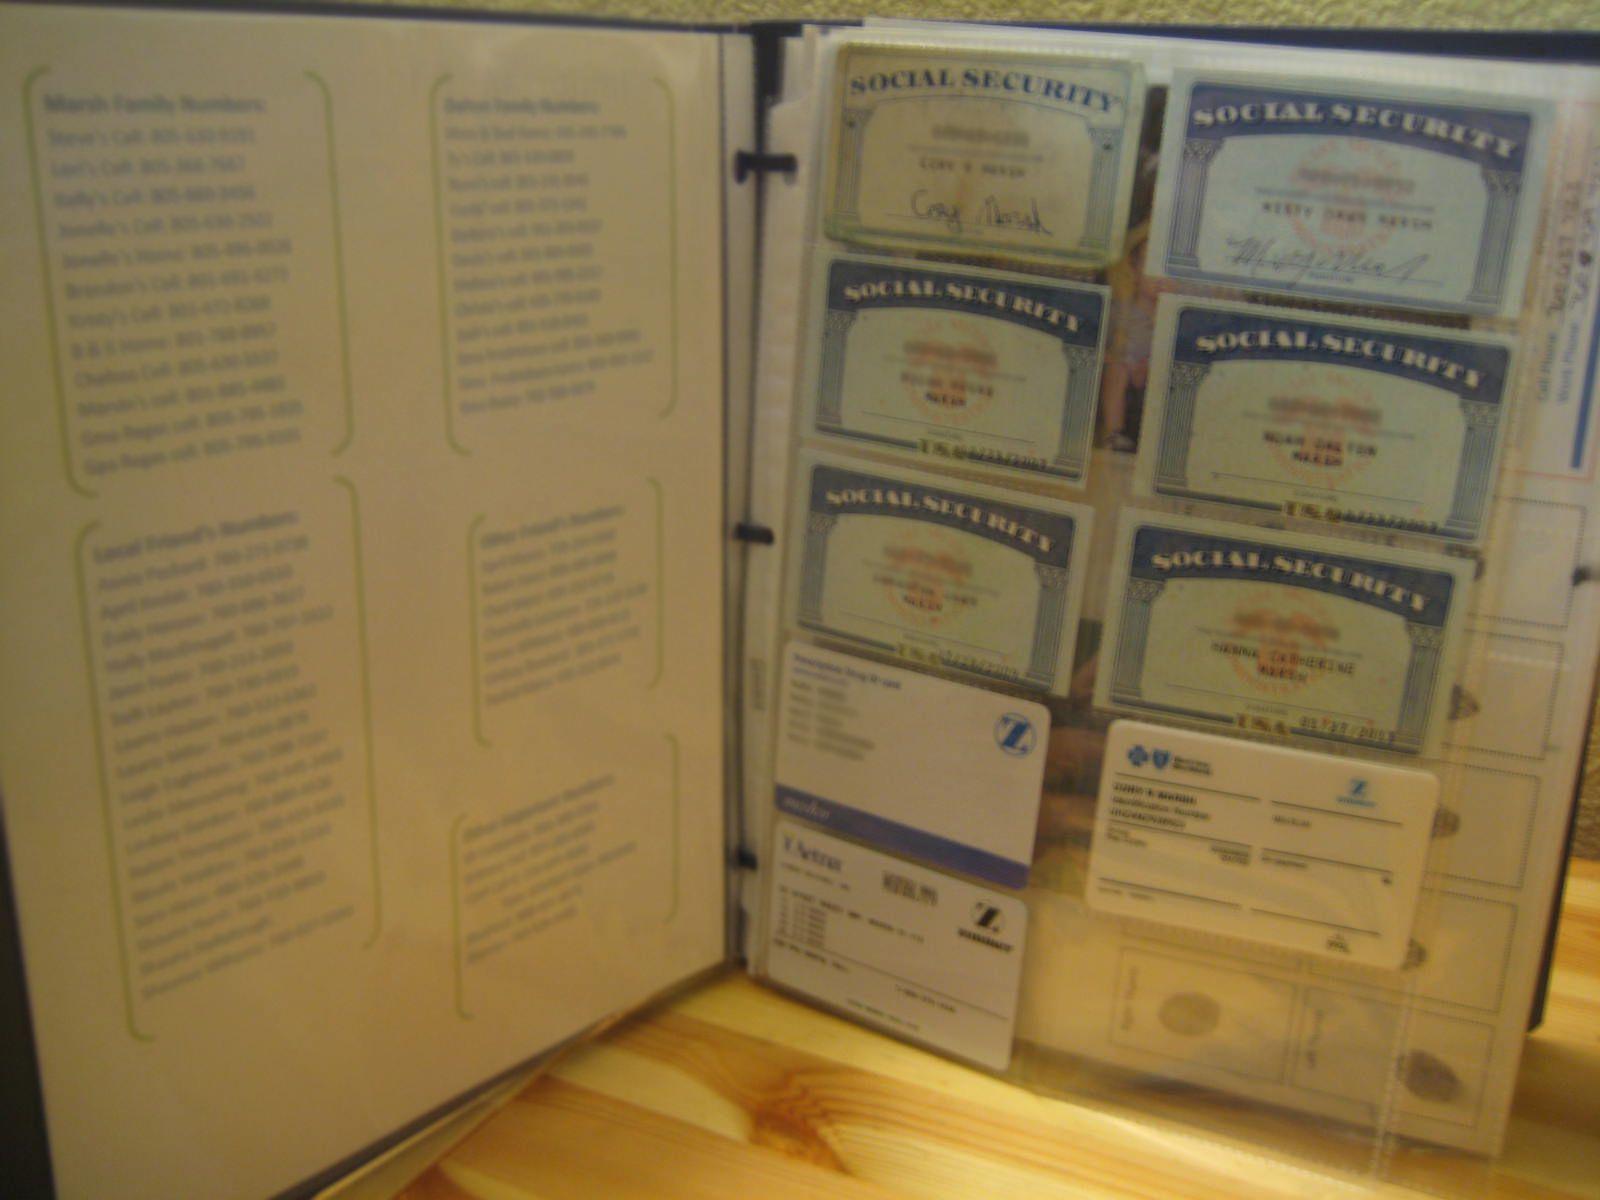 DIY Emergency Documents Folder